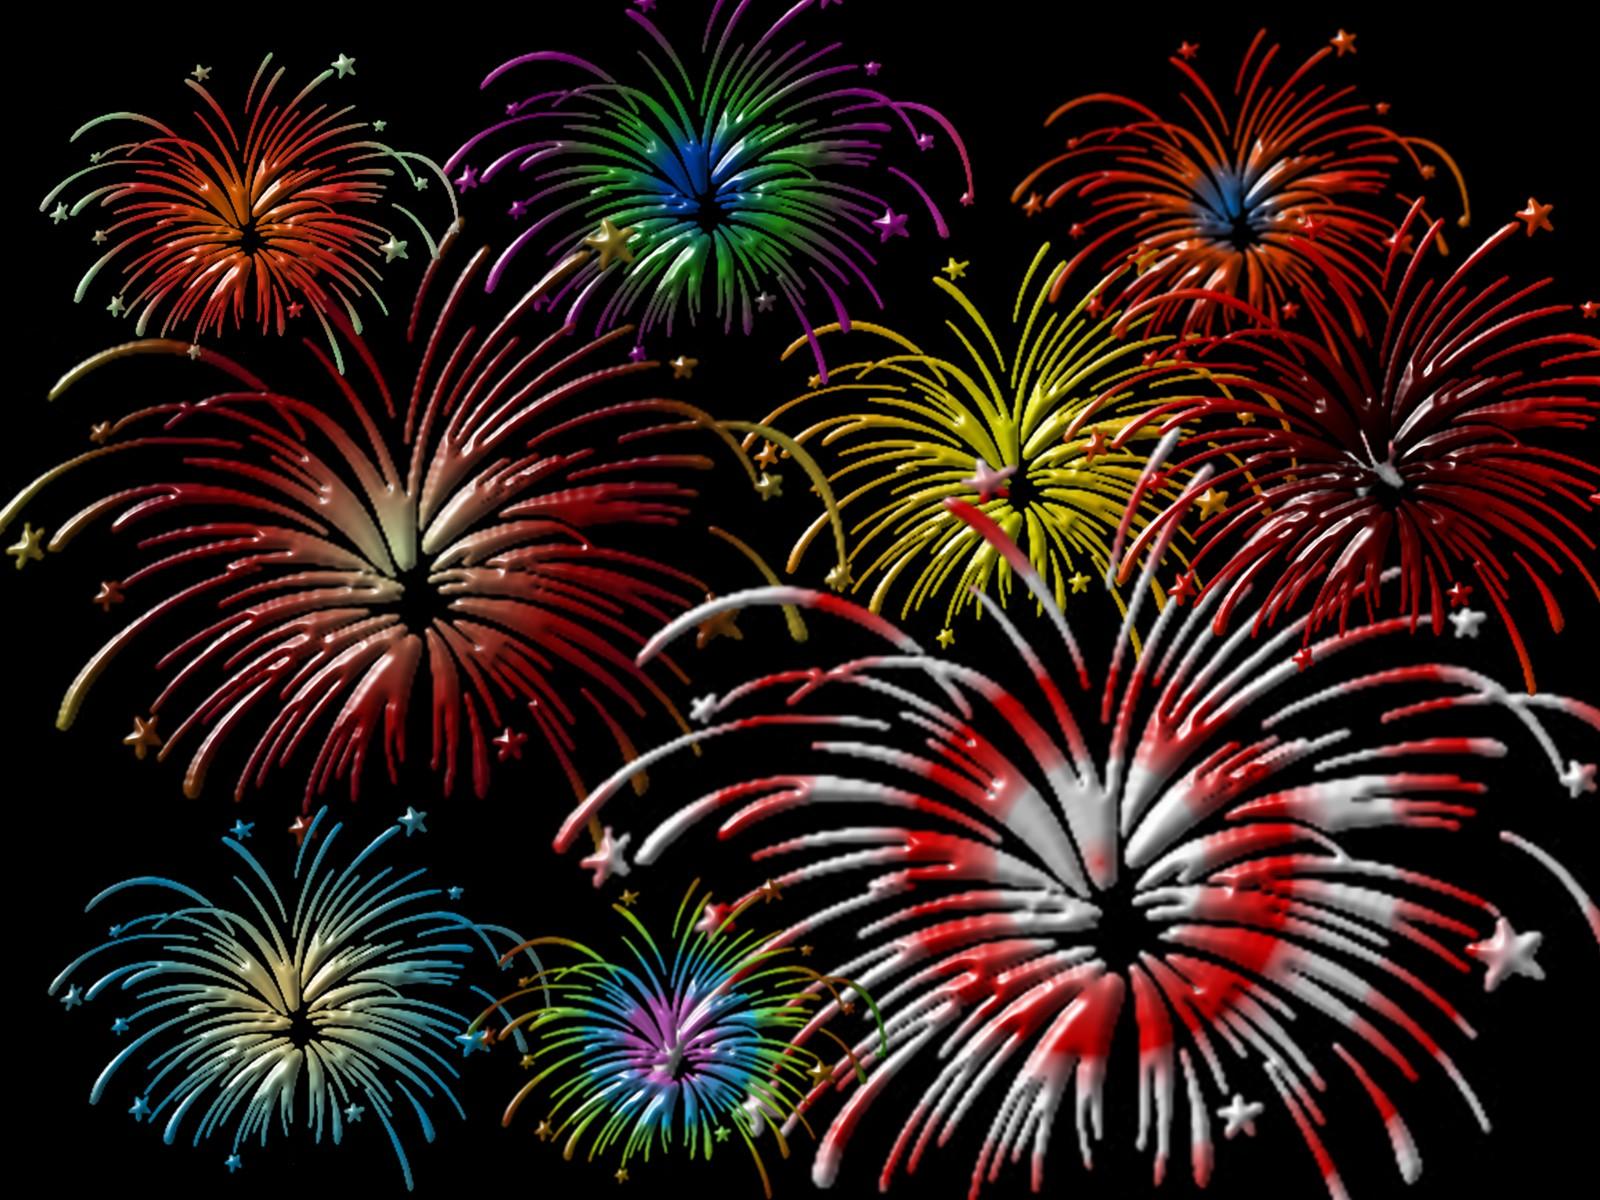 http://3.bp.blogspot.com/-nsd-LPBbPUY/TsxW5ys7R8I/AAAAAAAAA9c/PH4bXqbrwxo/s1600/Fireworks_Wallpaper_by_Marsille.jpg